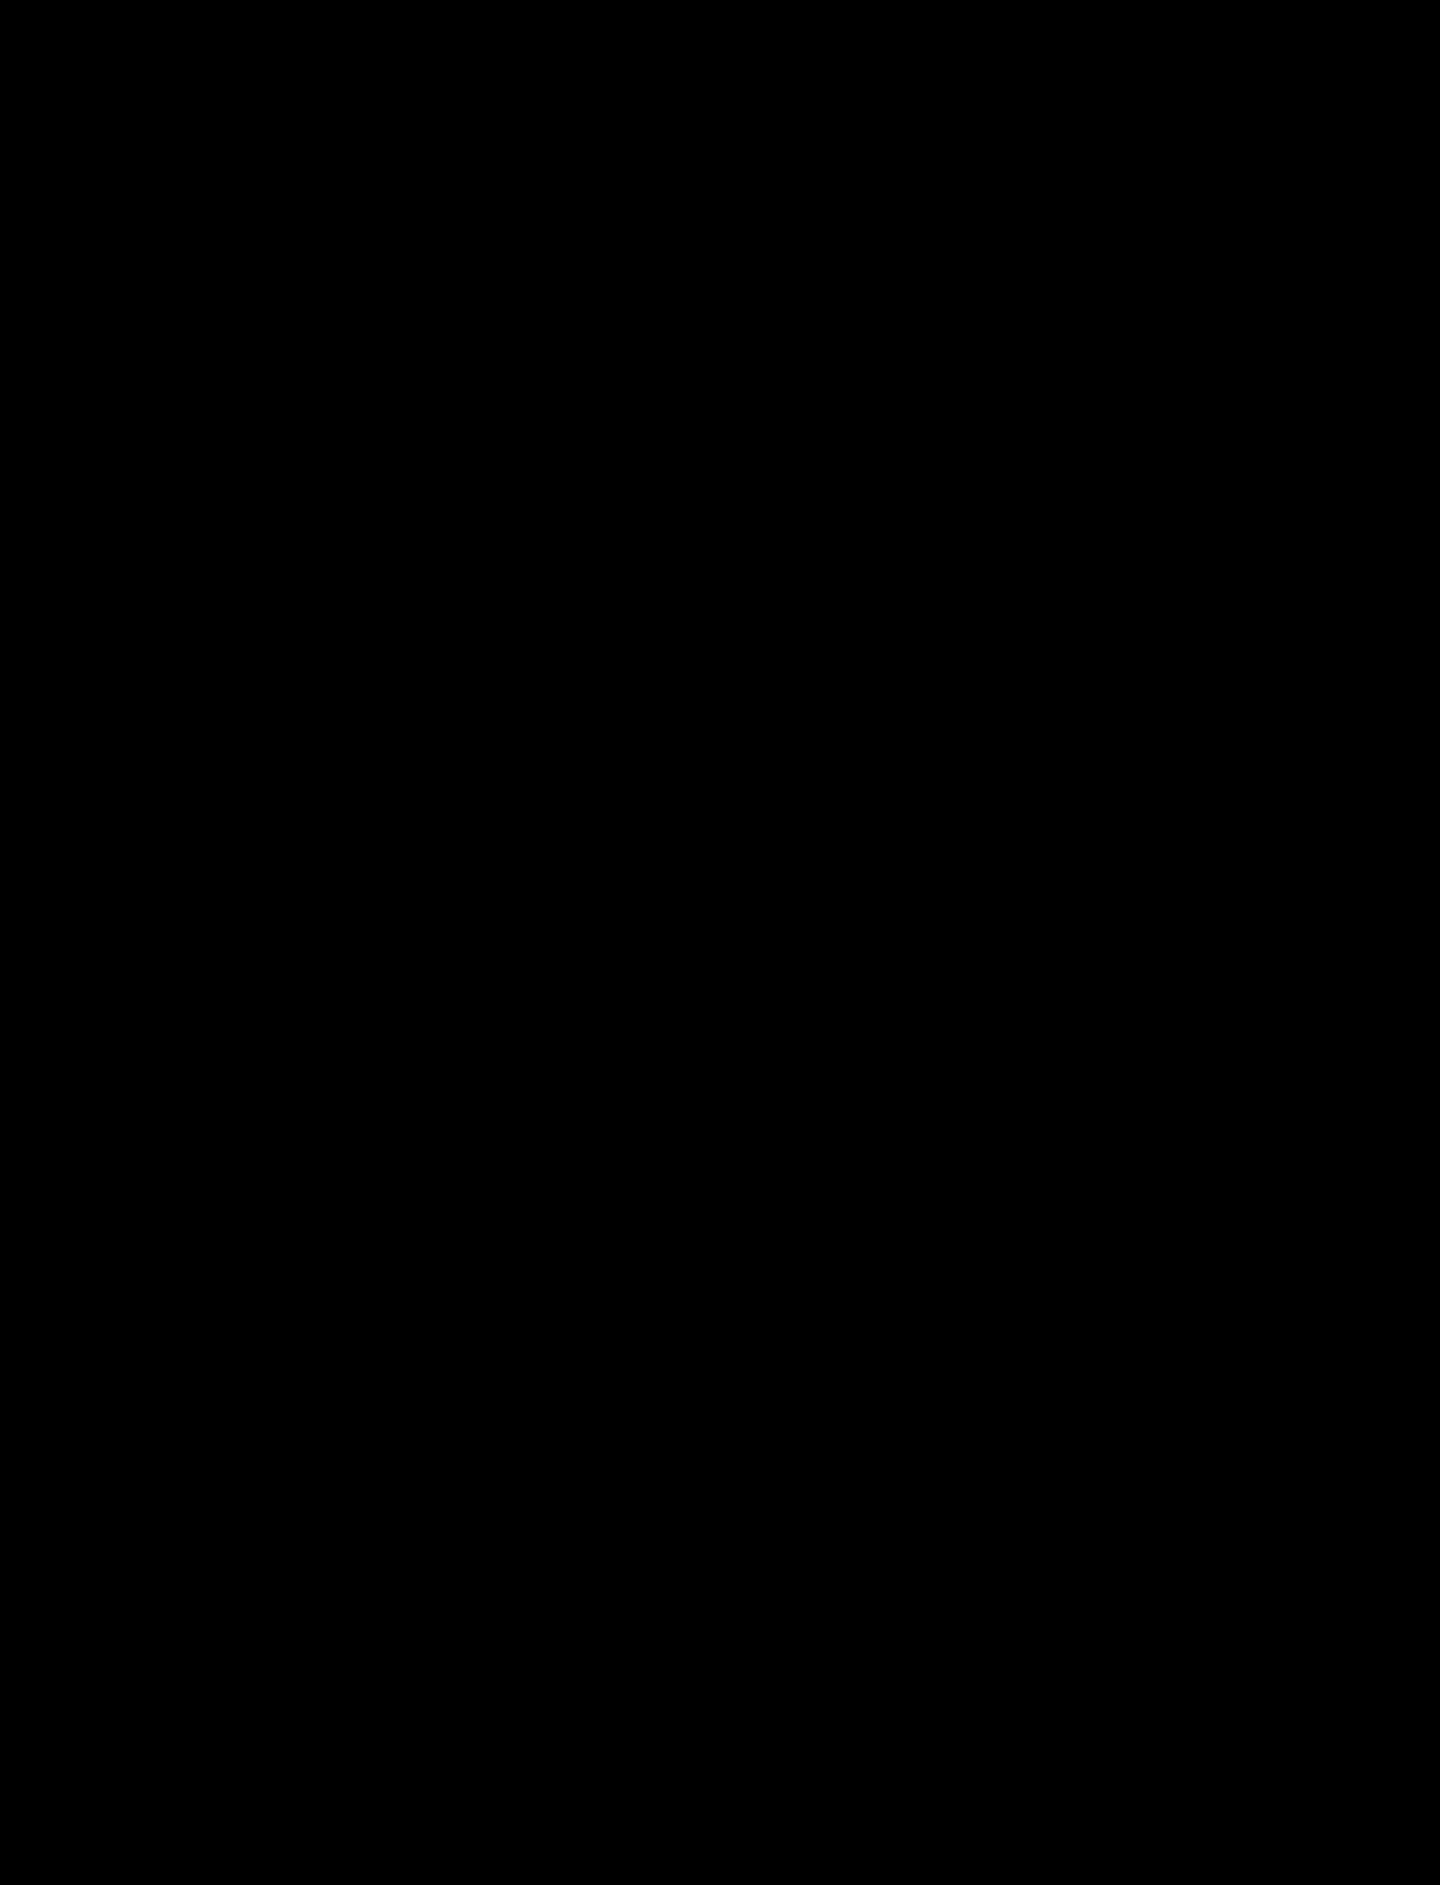 renault logo 2 1 - Renault Logo